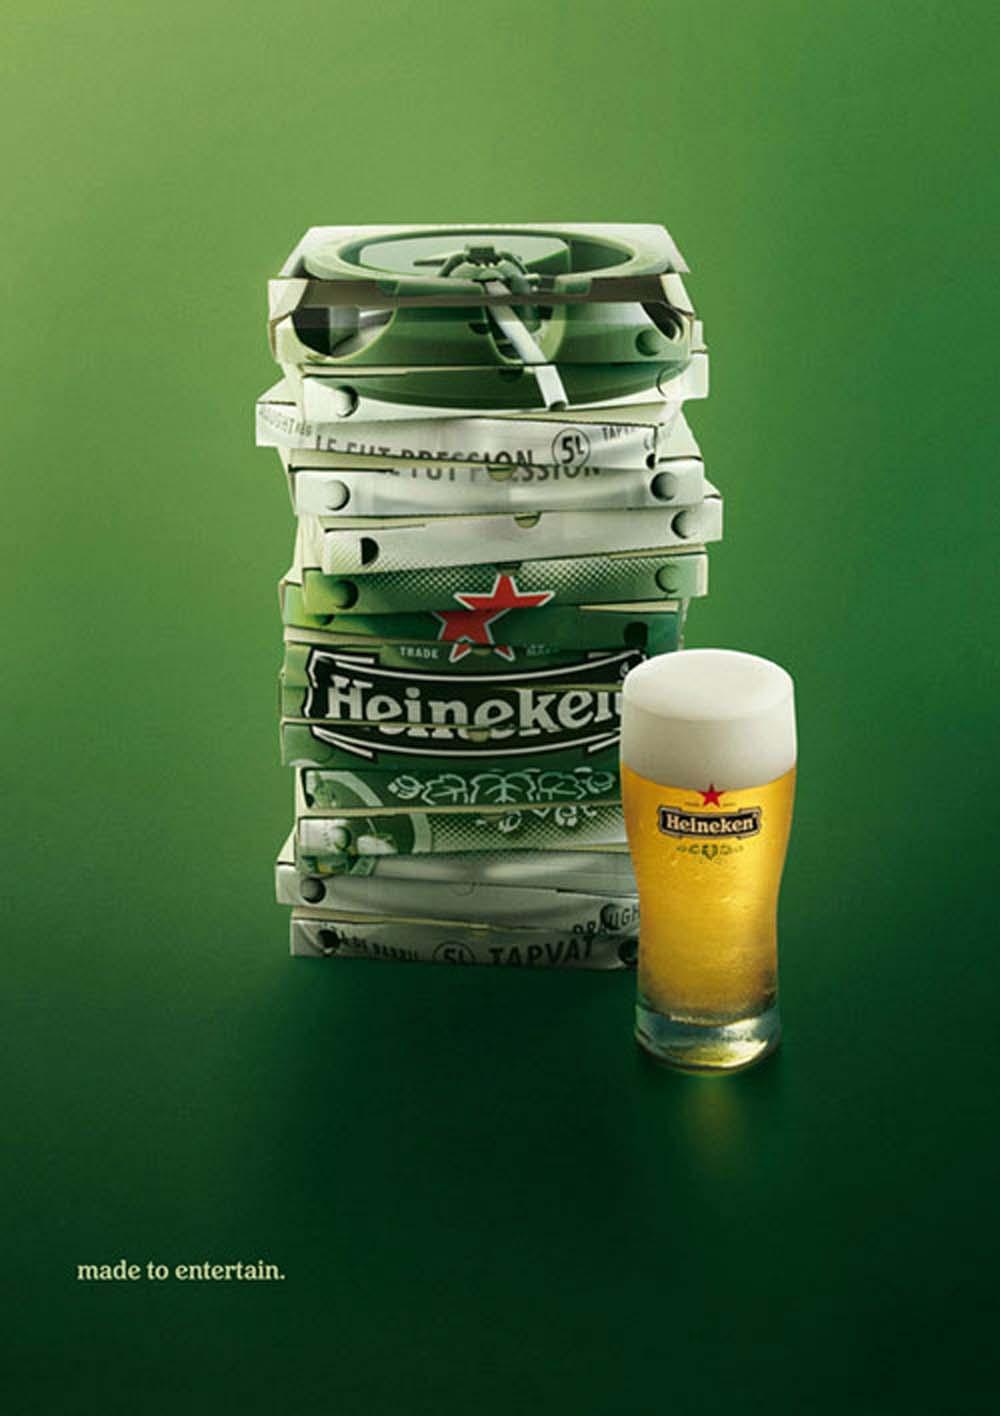 荷兰喜力啤